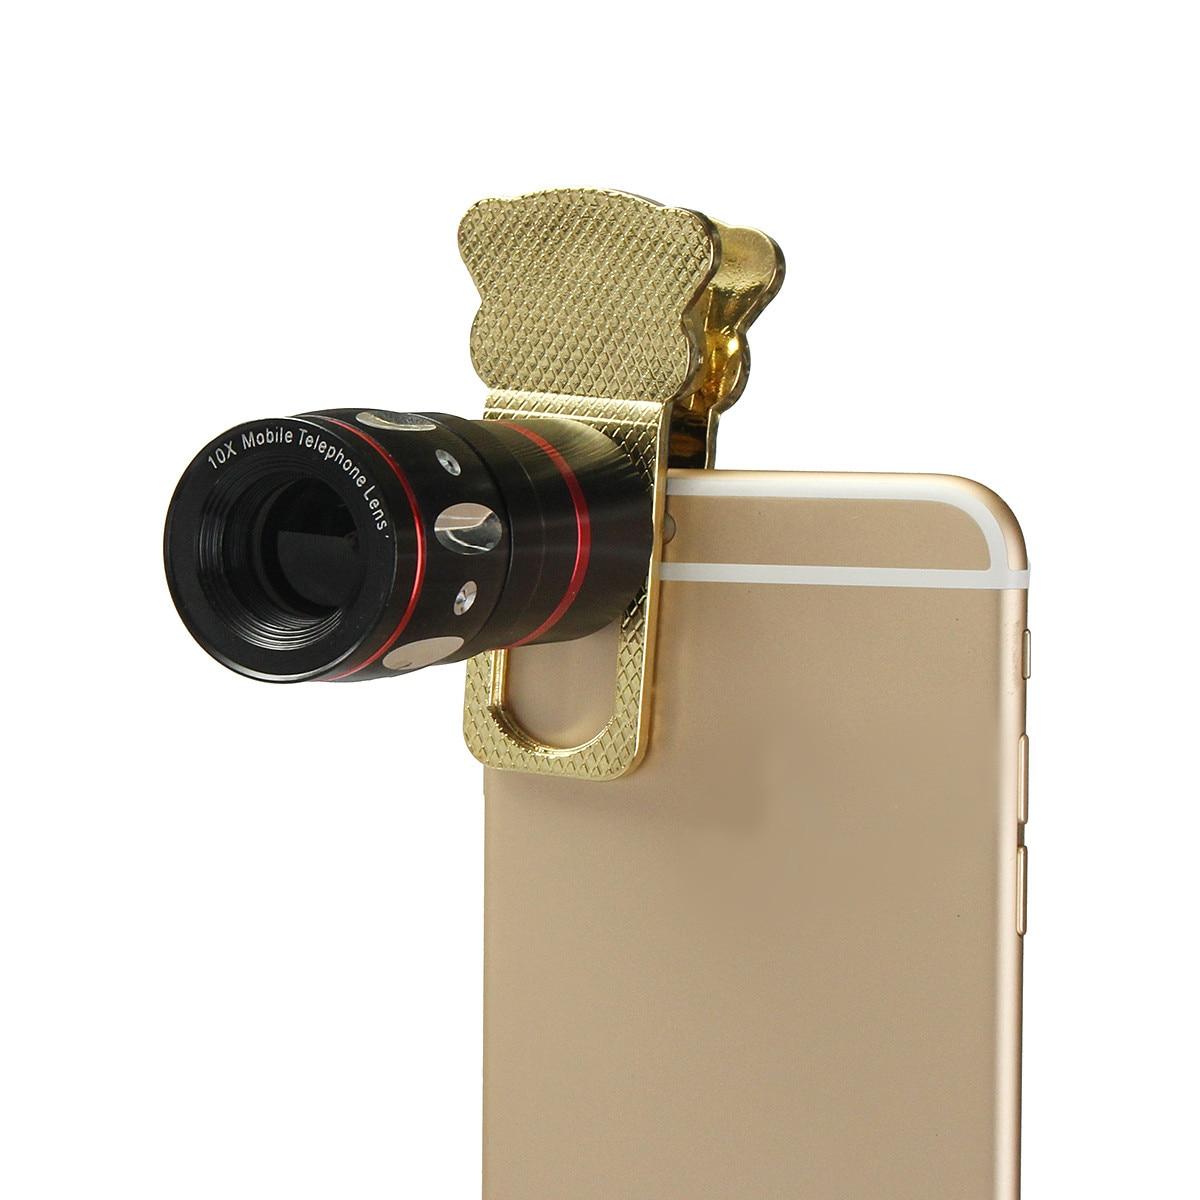 Открытый HD Универсальный 10x увеличить клип на мобильный телефон оптический Объективы для фотоаппаратов телефото телескоп